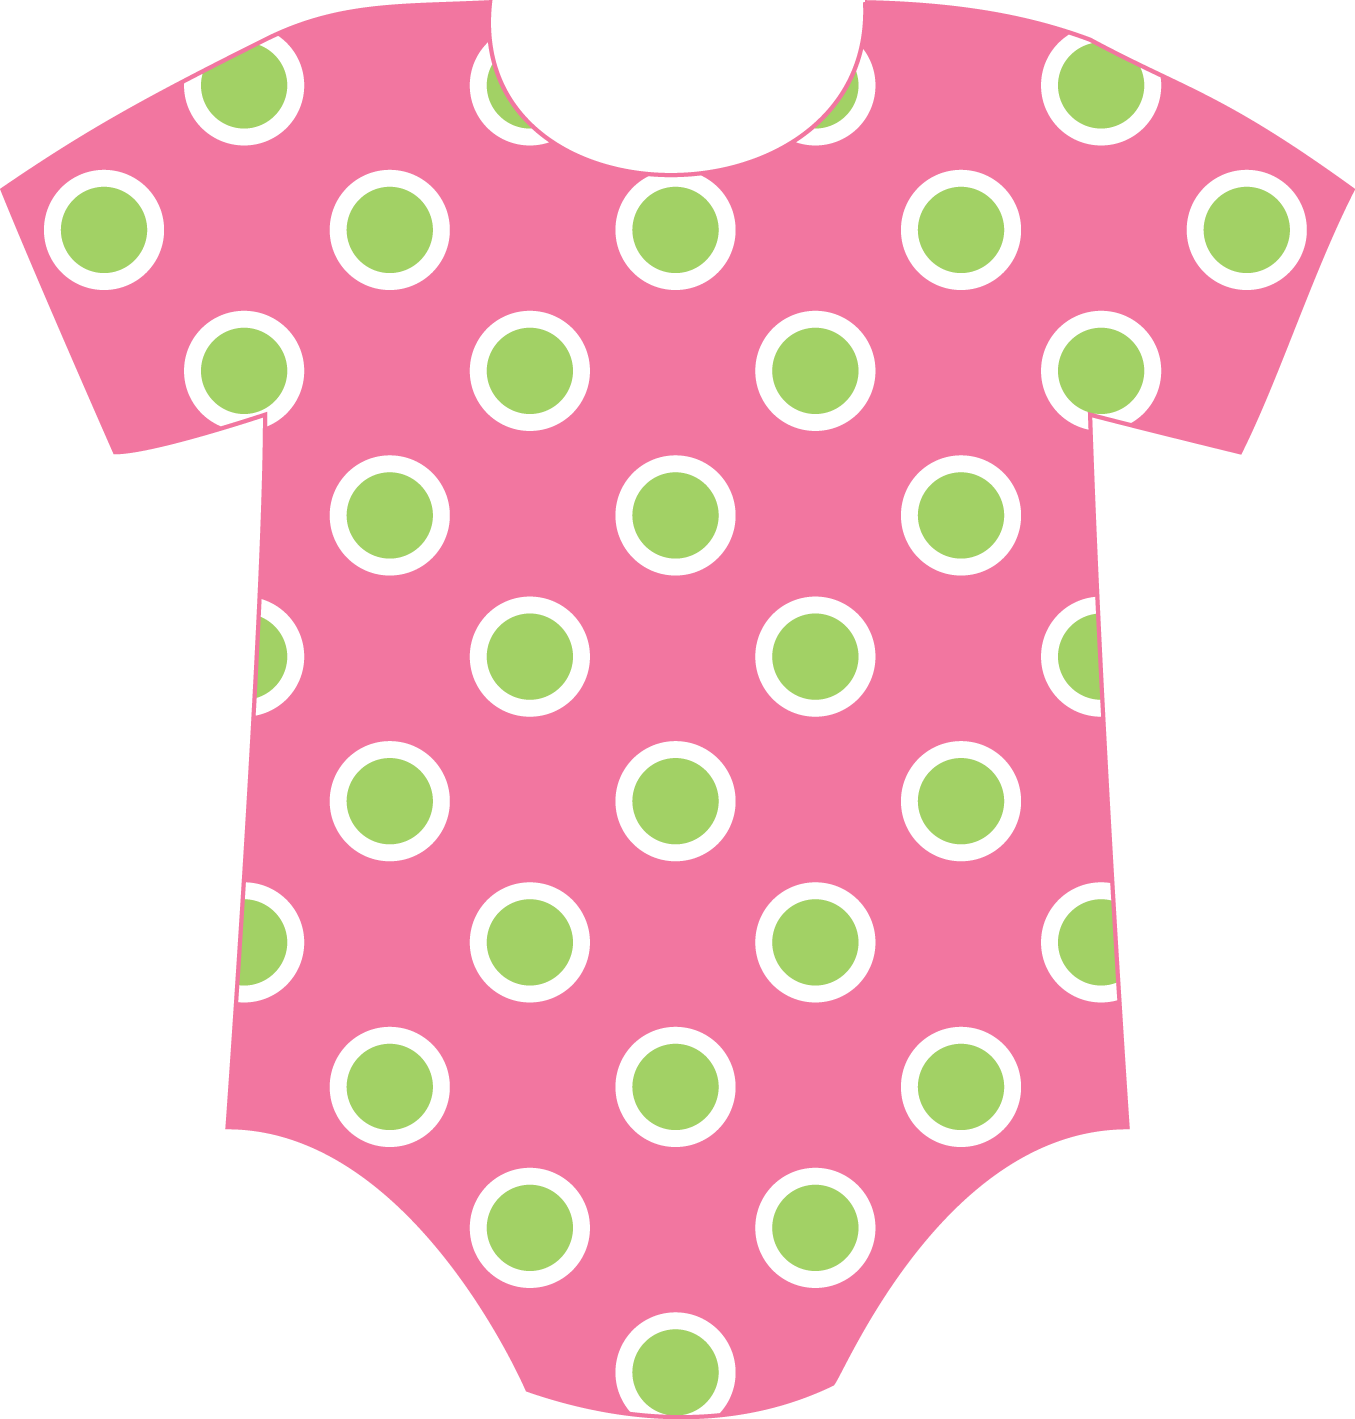 Clipart de Bodies de Bebé. | Bebe | Pinterest | Clipart, Bebé y Bebe